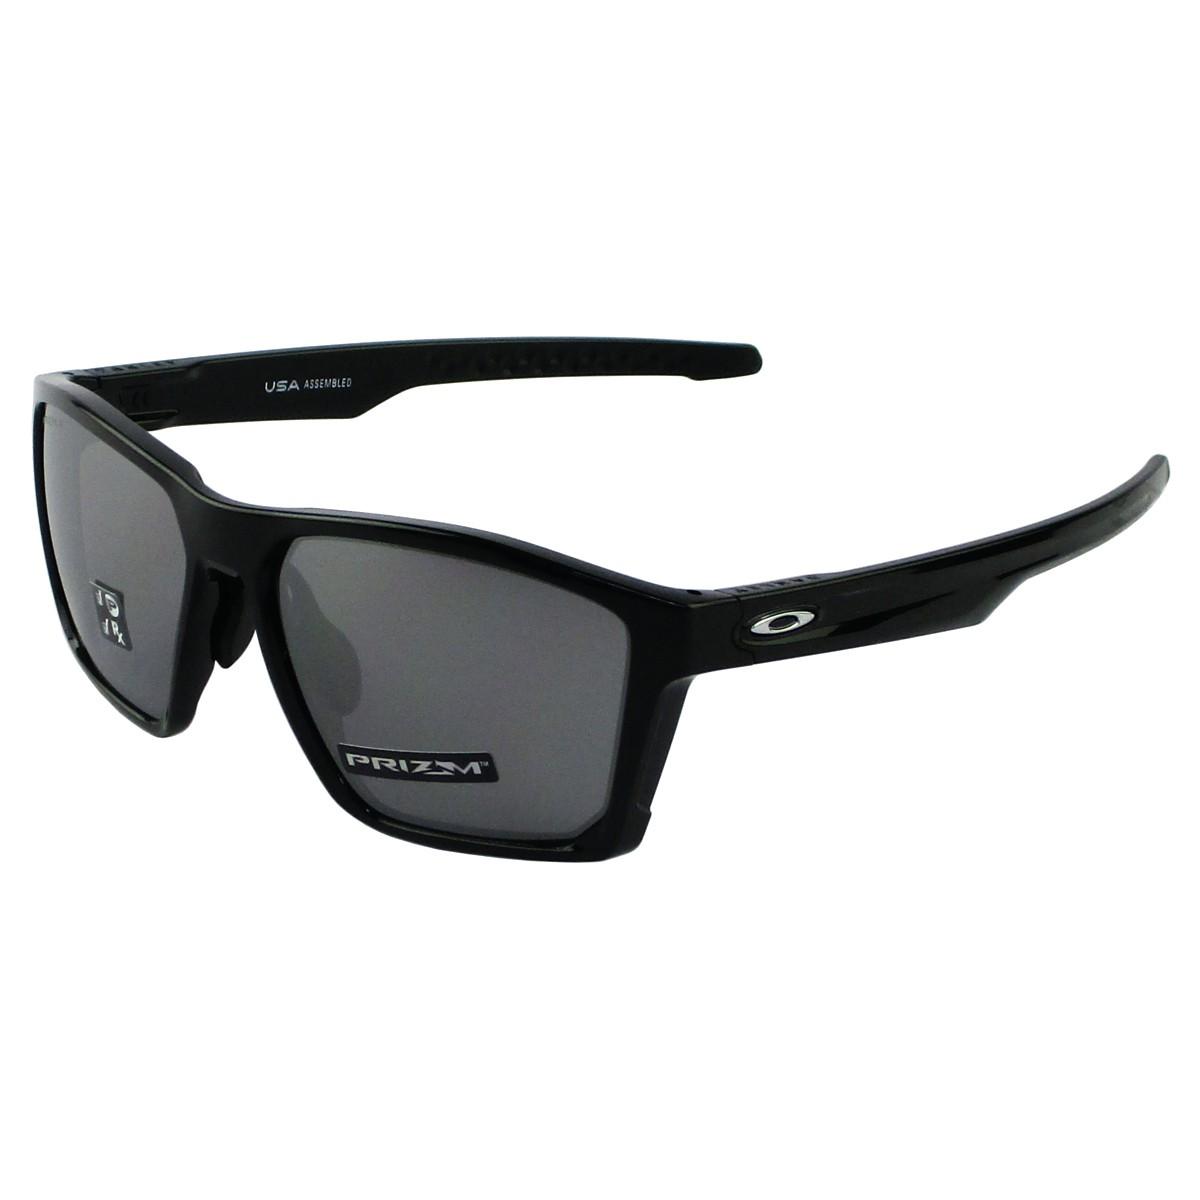 ターゲットライン (ASIA FIT) Polished Black/Prizm Black Polarized(東日本店)